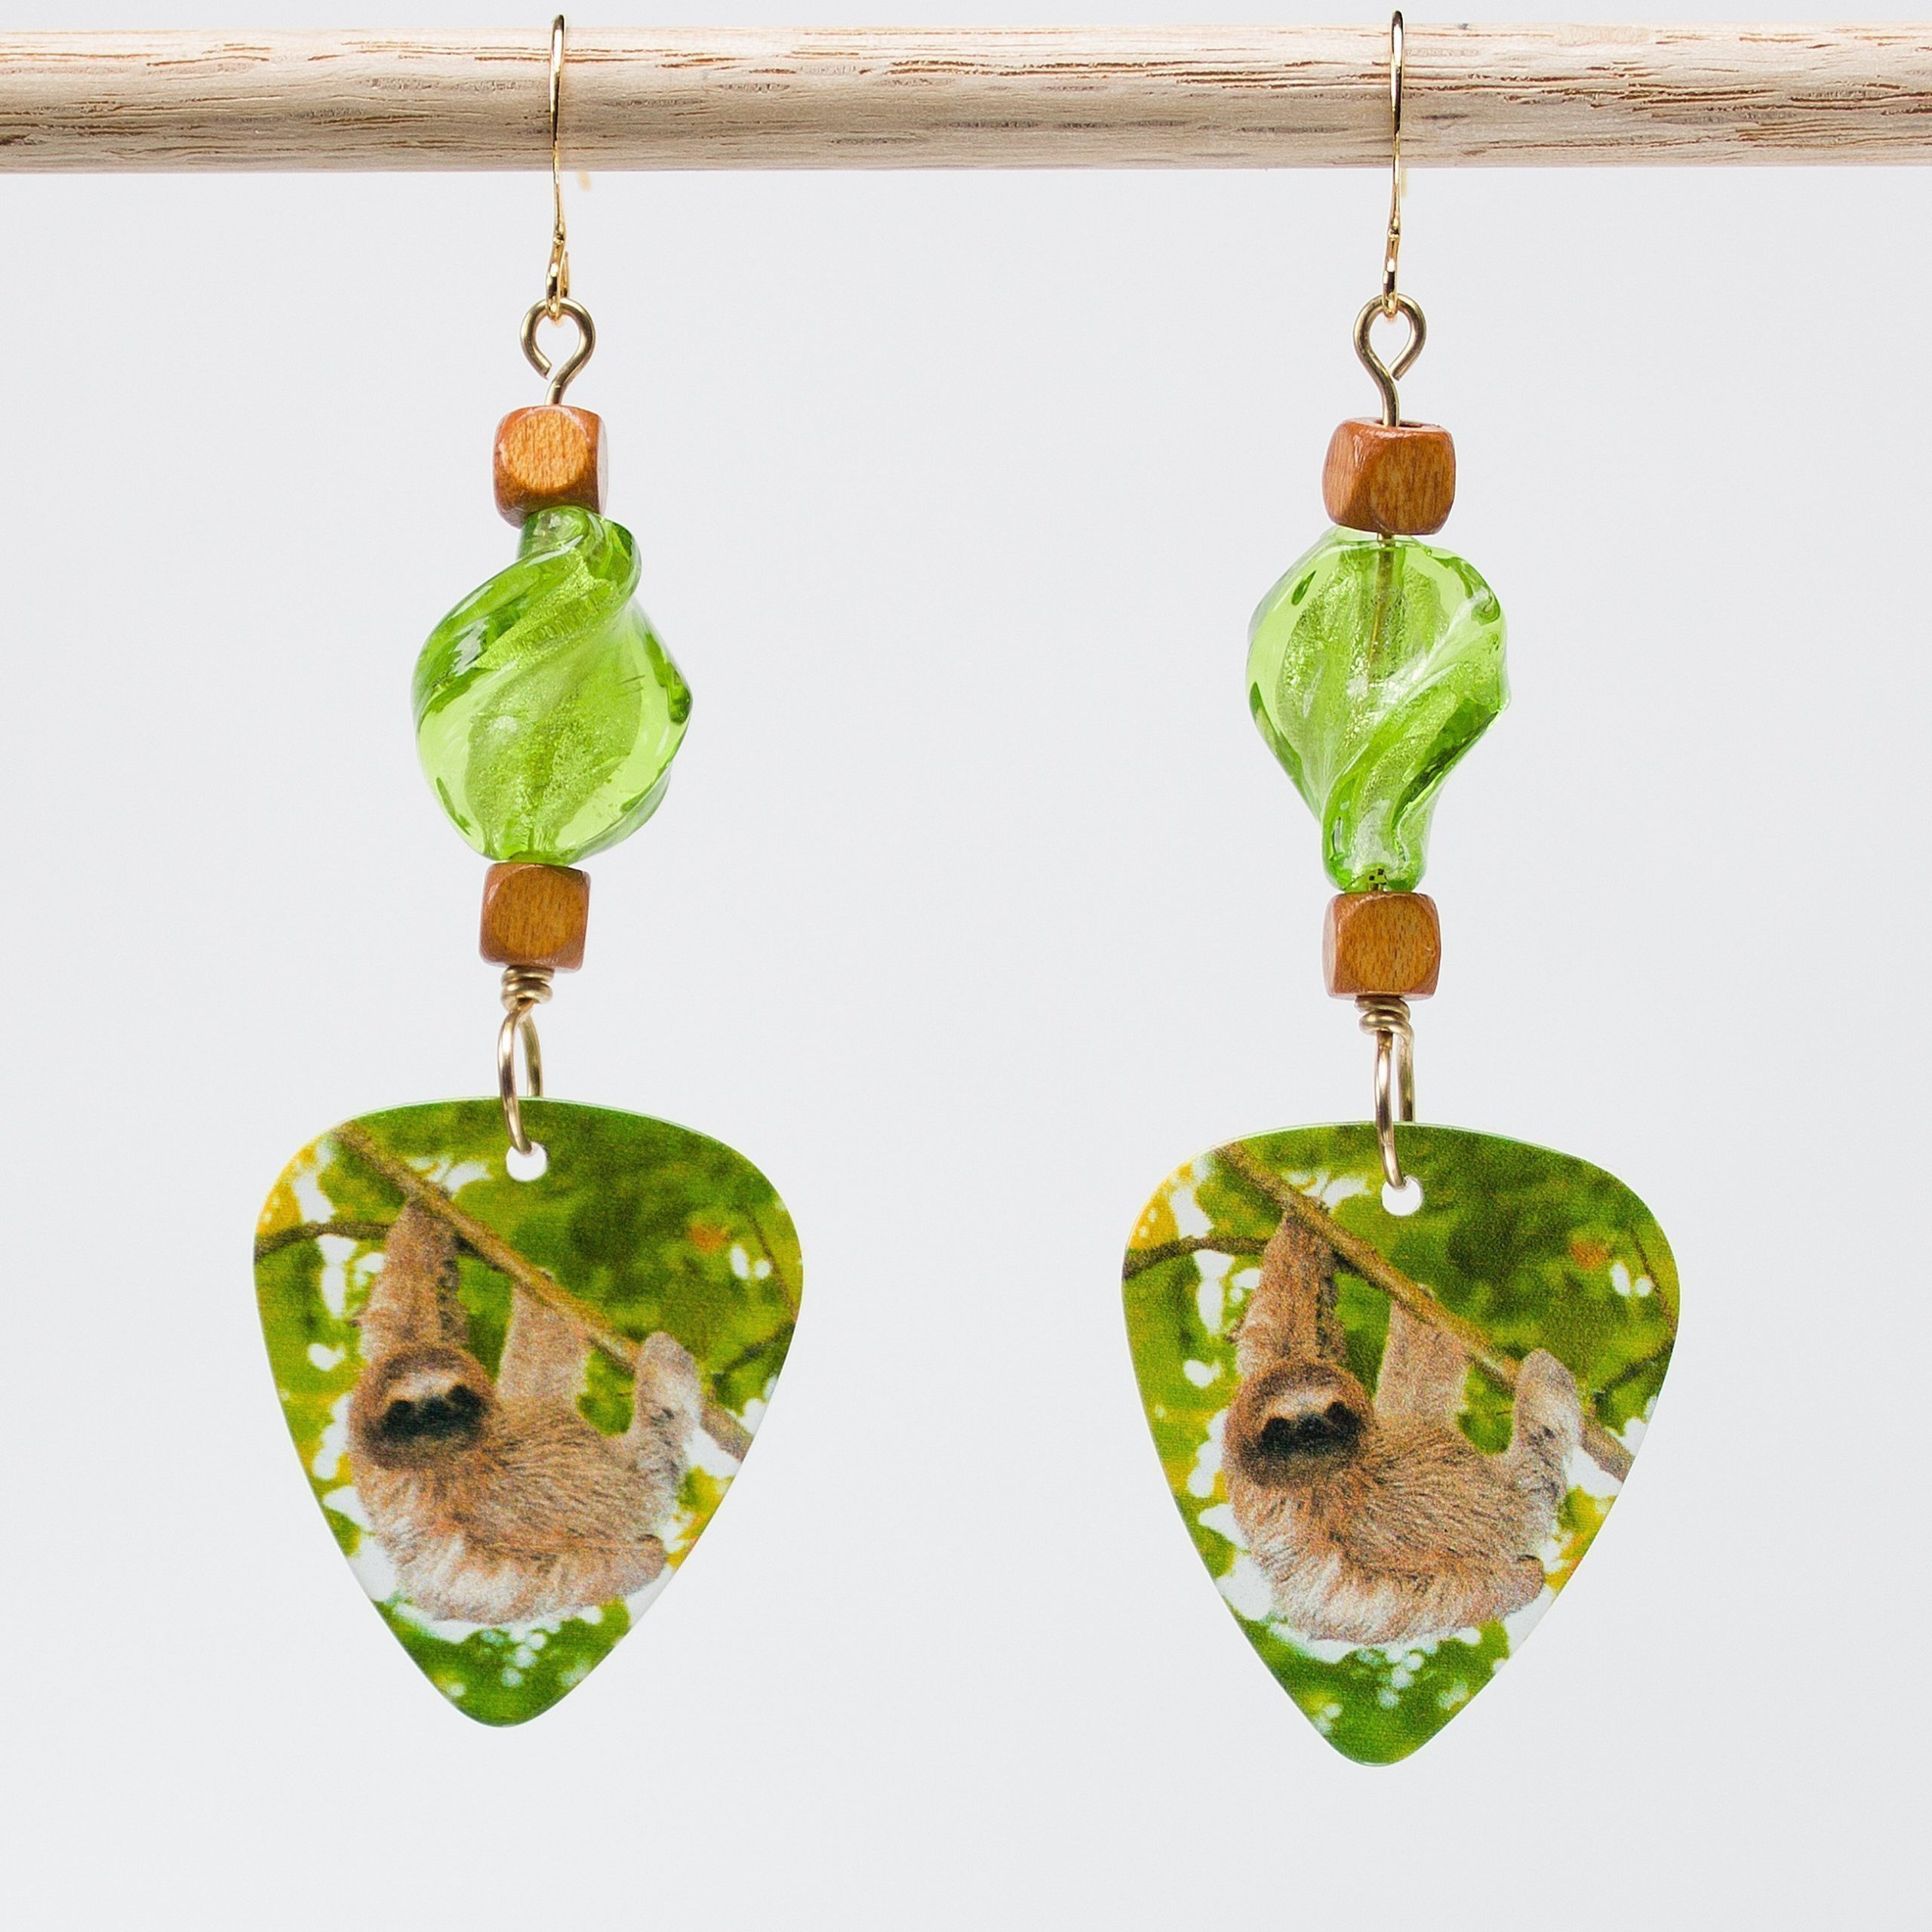 E703 - Verde Sloth Earrings